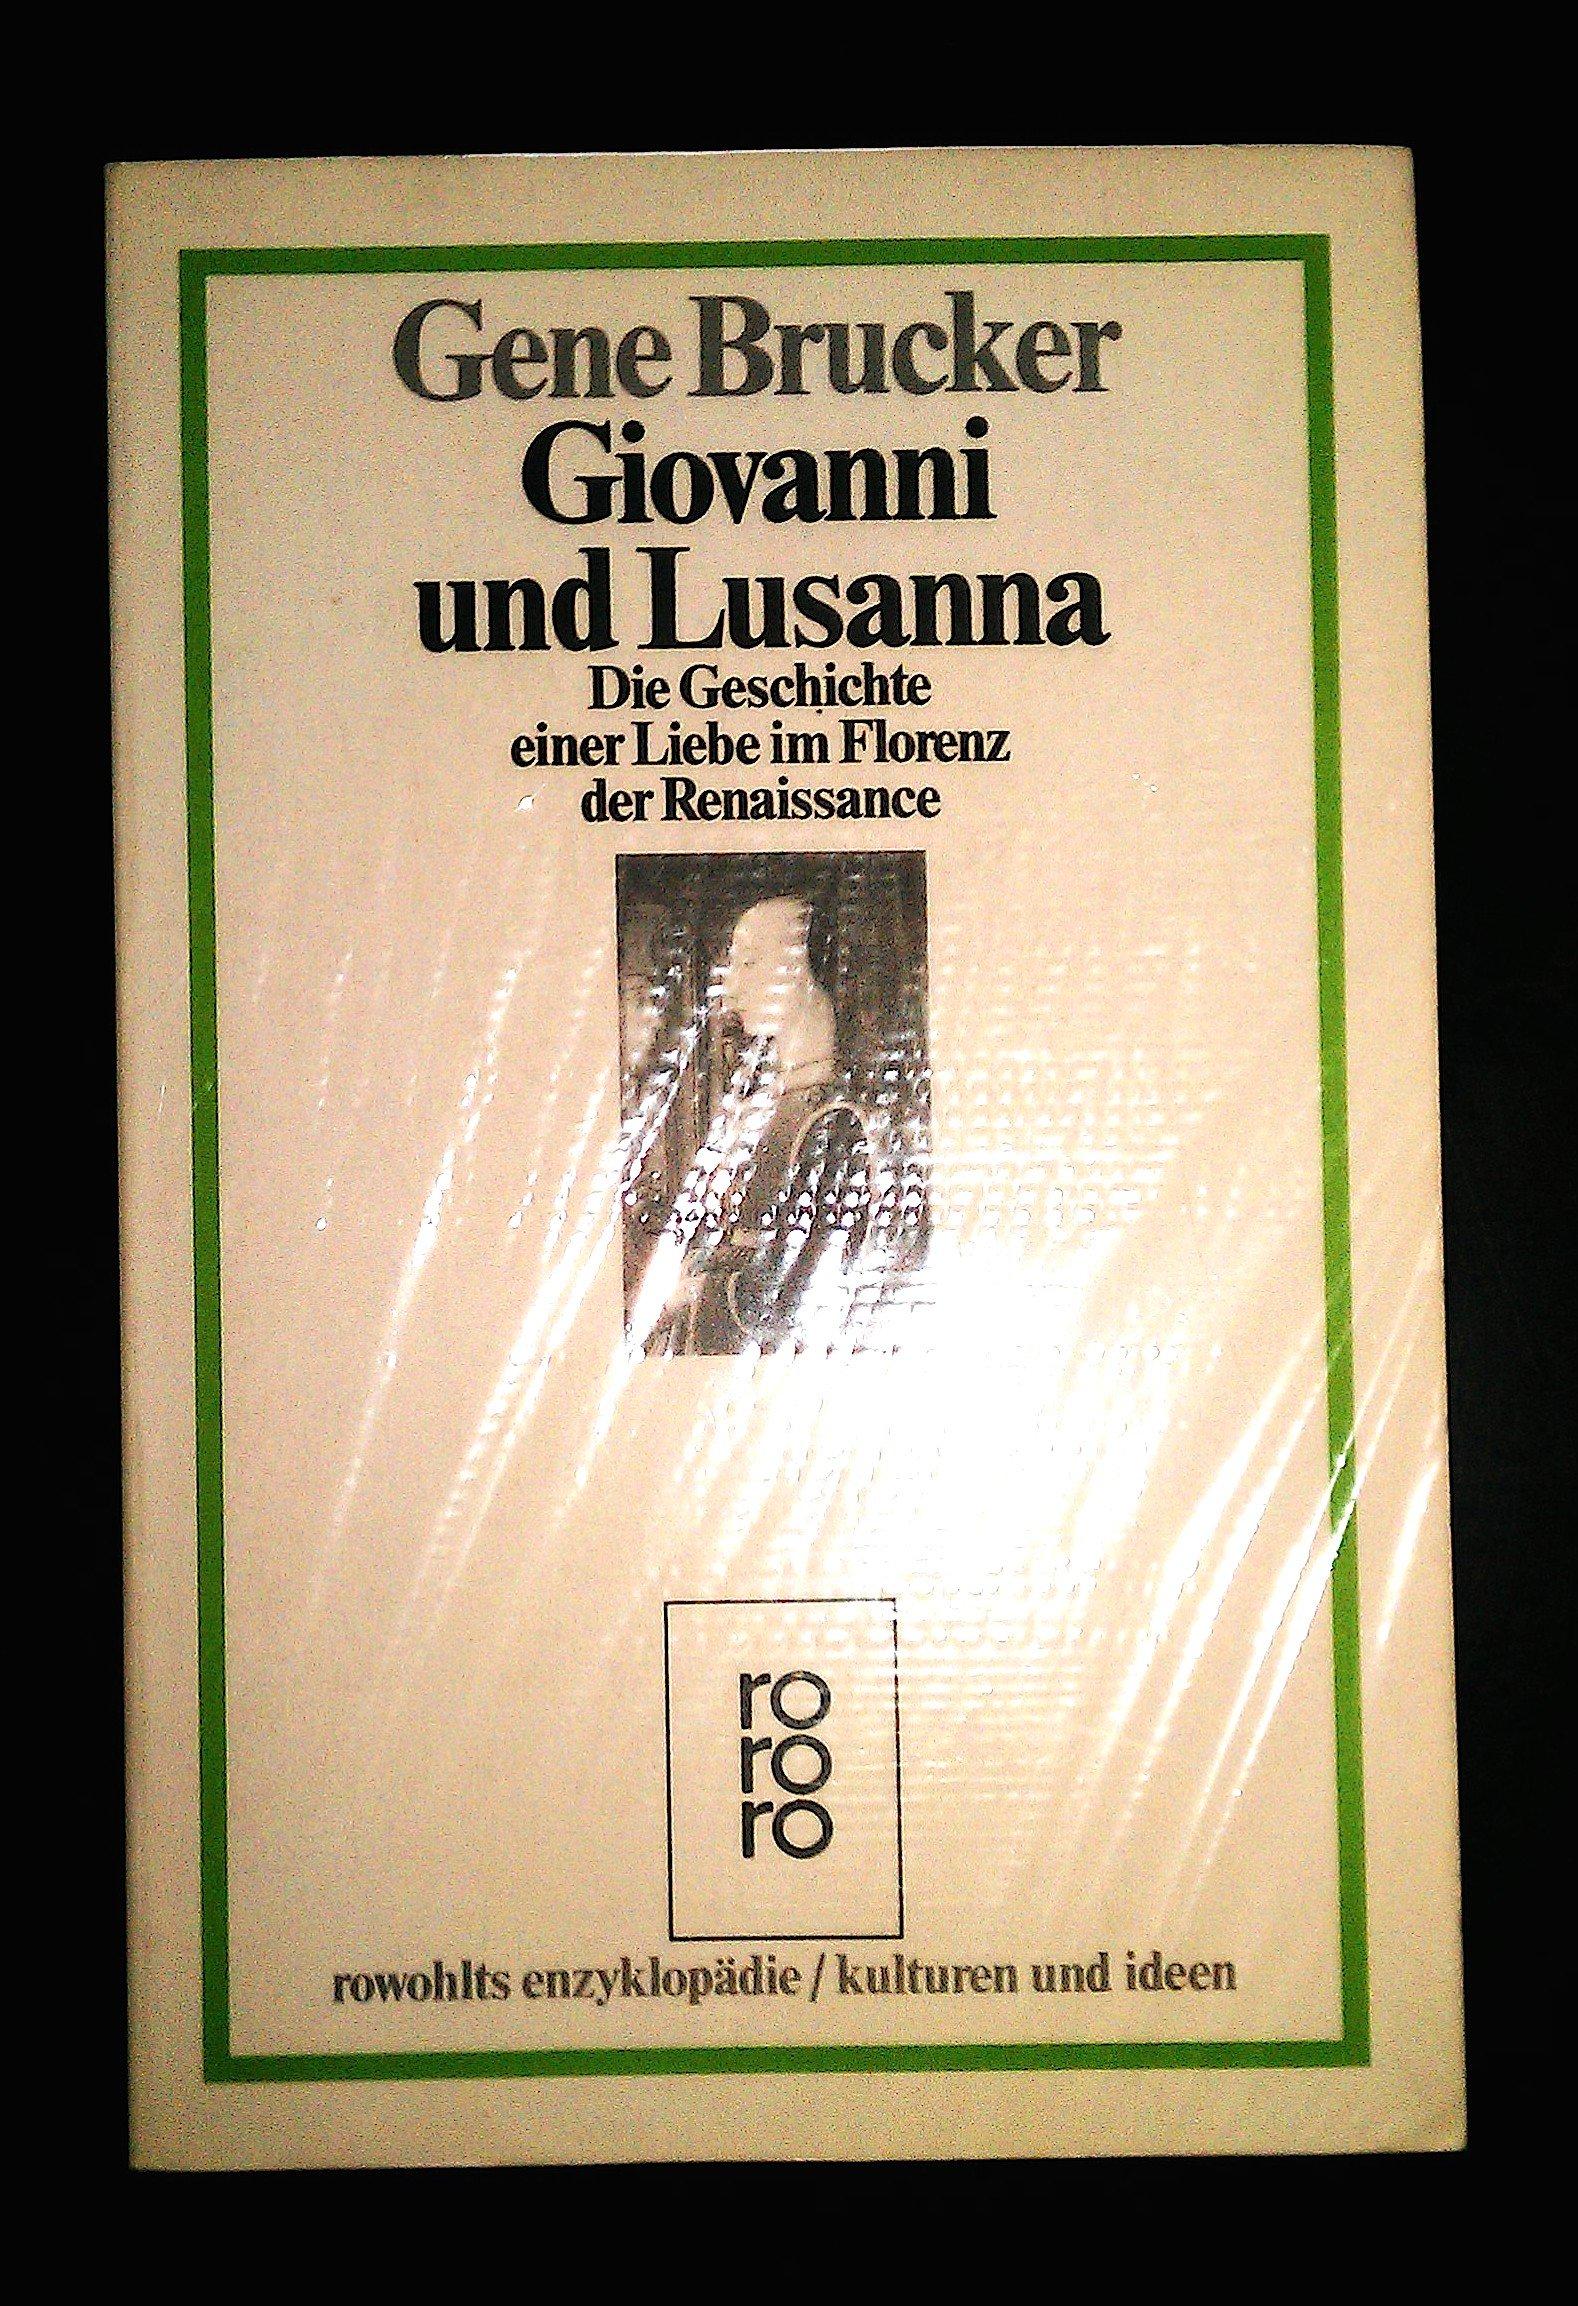 giovanni-und-lusanna-die-geschichte-einer-liebe-im-florenz-der-renaissance-kulturen-und-ideen